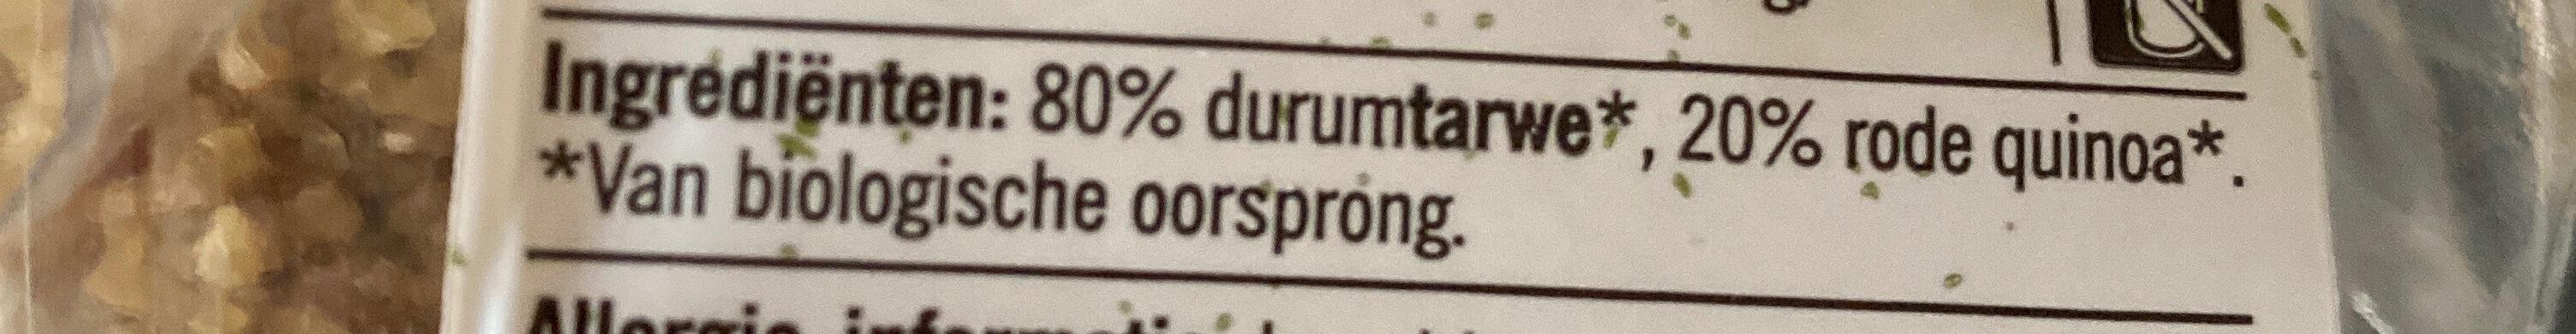 Bulgur & Quinoa - Ingredients - en